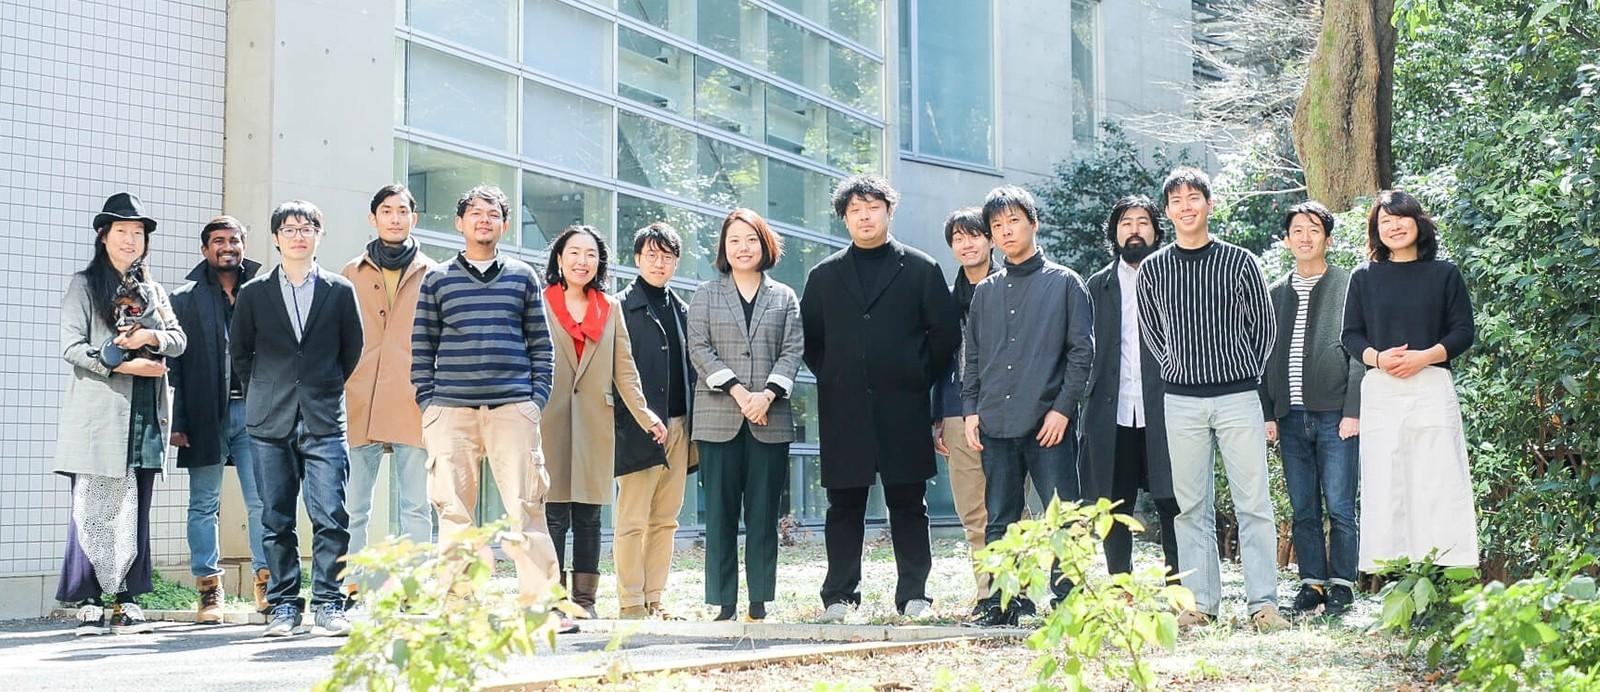 【英語できる方優遇!】ブロックチェーンでアートの未来を創るインフラエンジニア大募集中です!